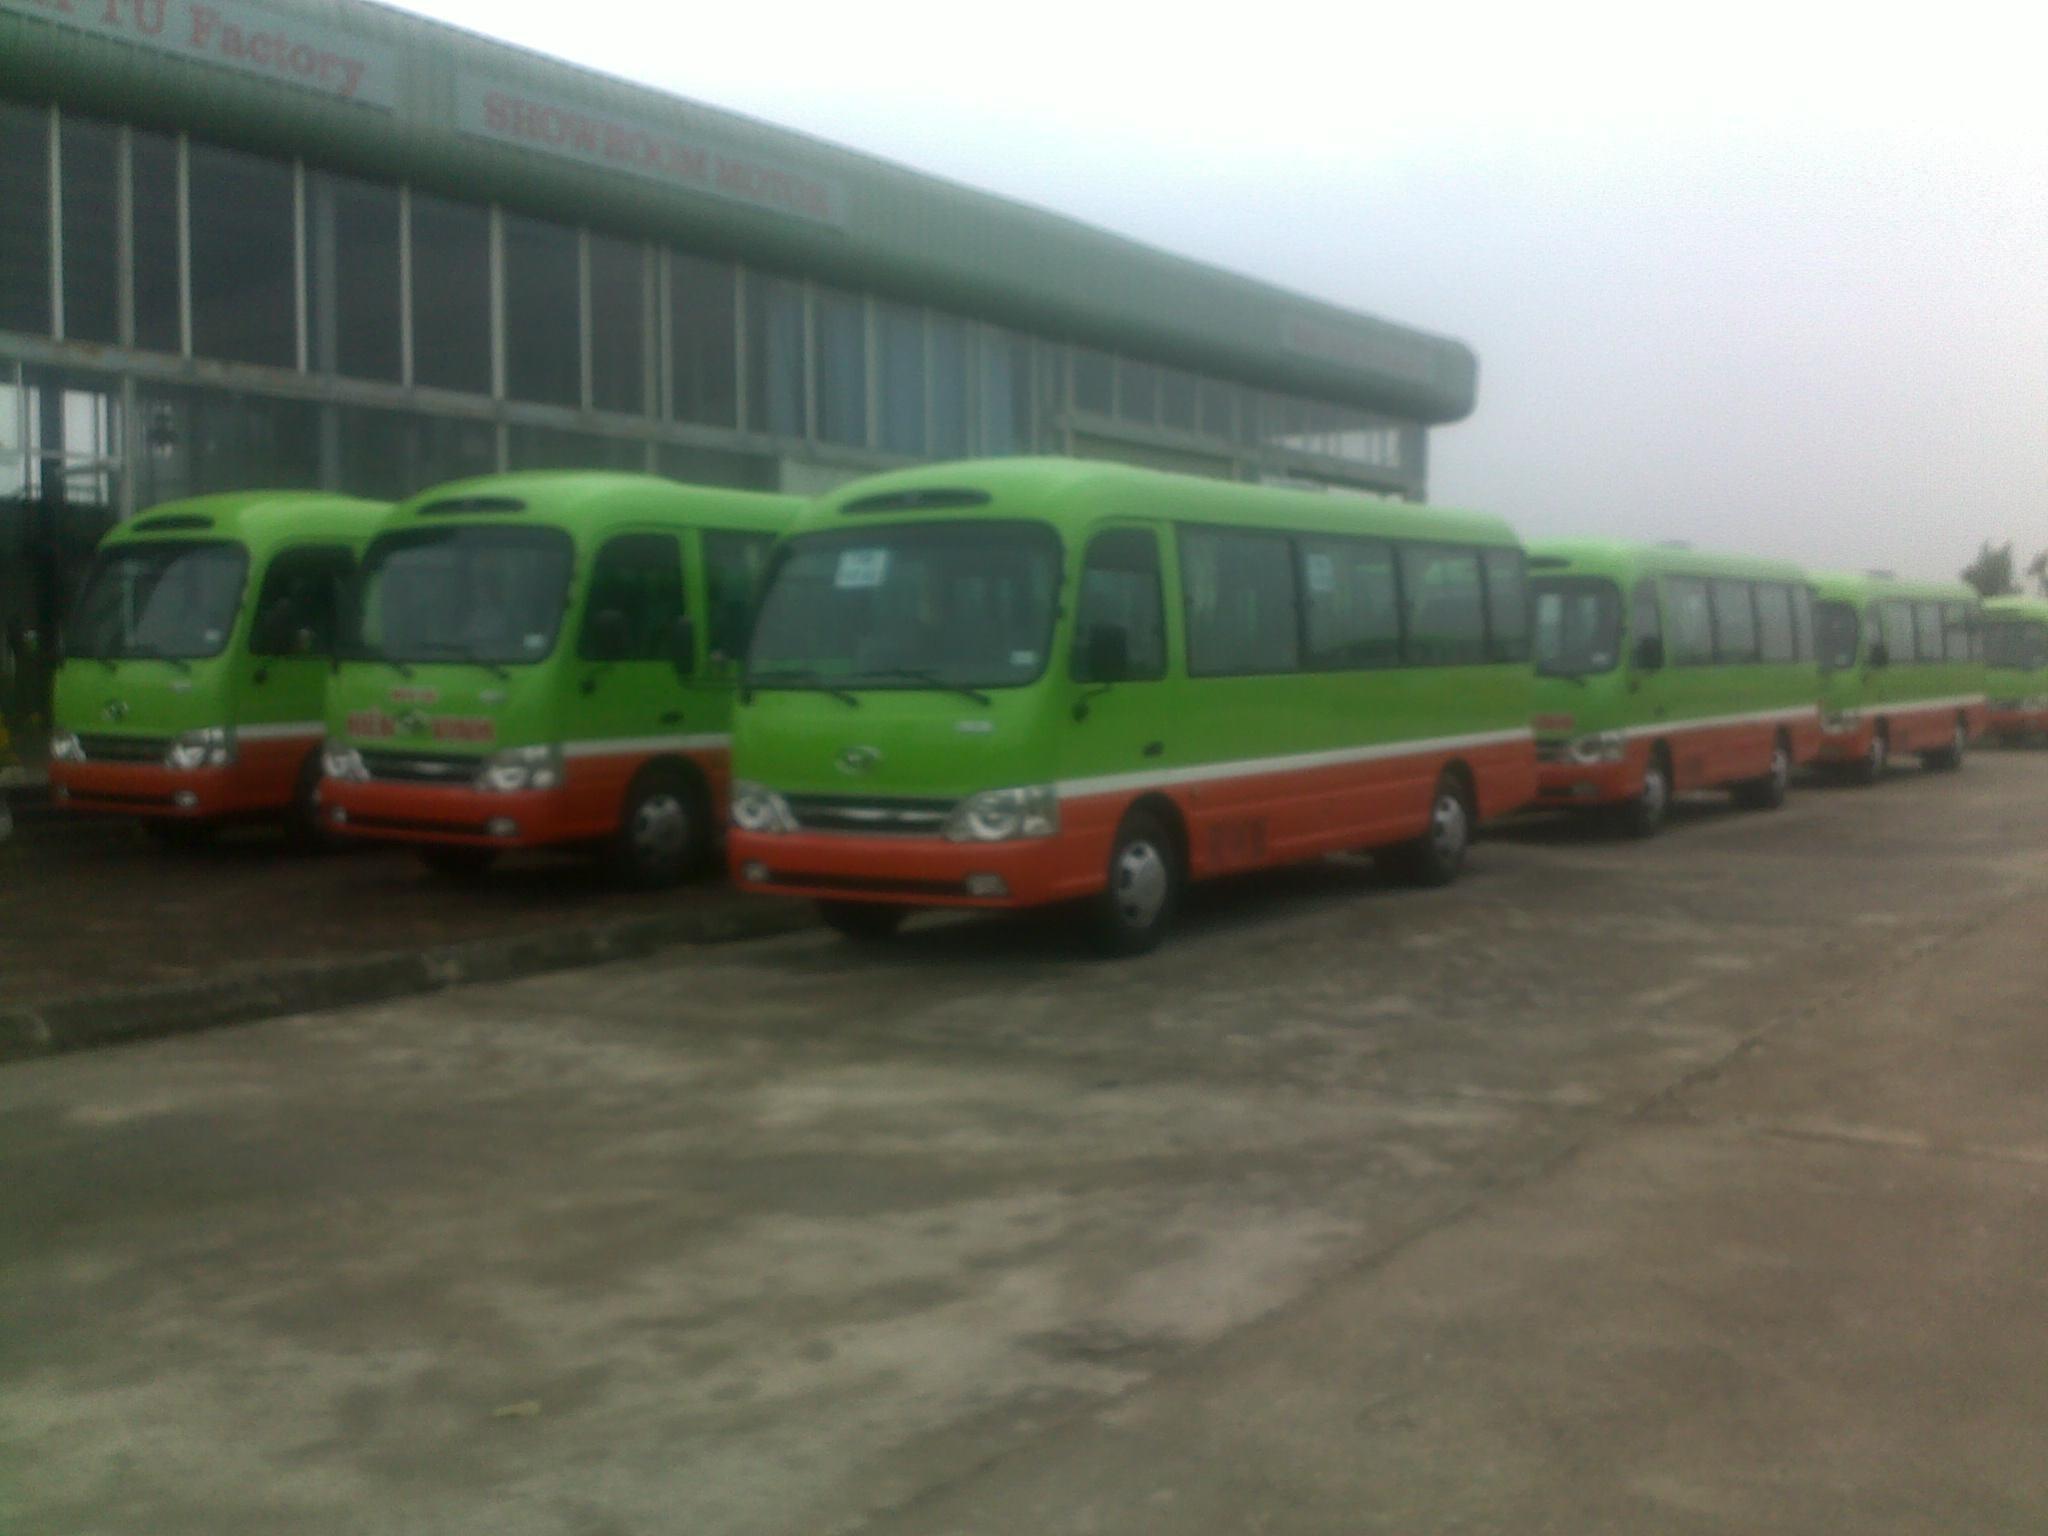 hmt-bus-b40-ngo-gia-tu-huyndai-than-dai-2